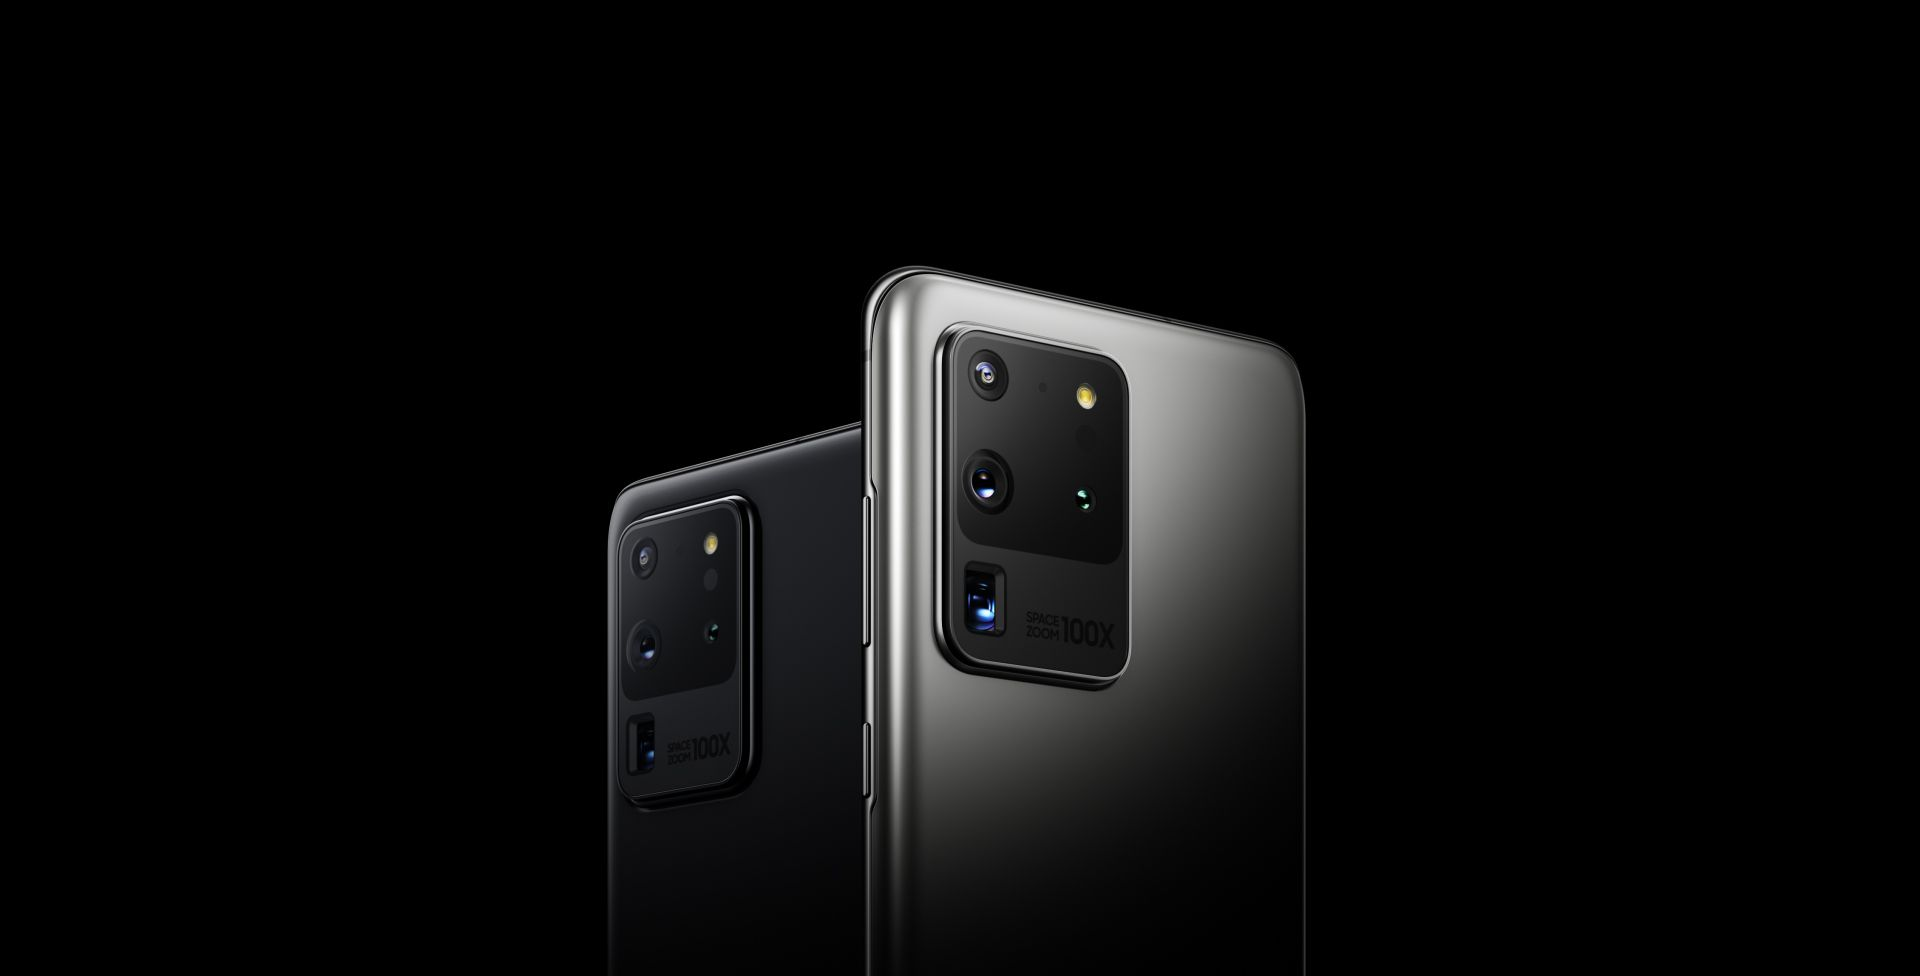 Samsung Galaxy S20 Serisi En Son Güncellemede Çağrı Kalitesi İyileştirilecek